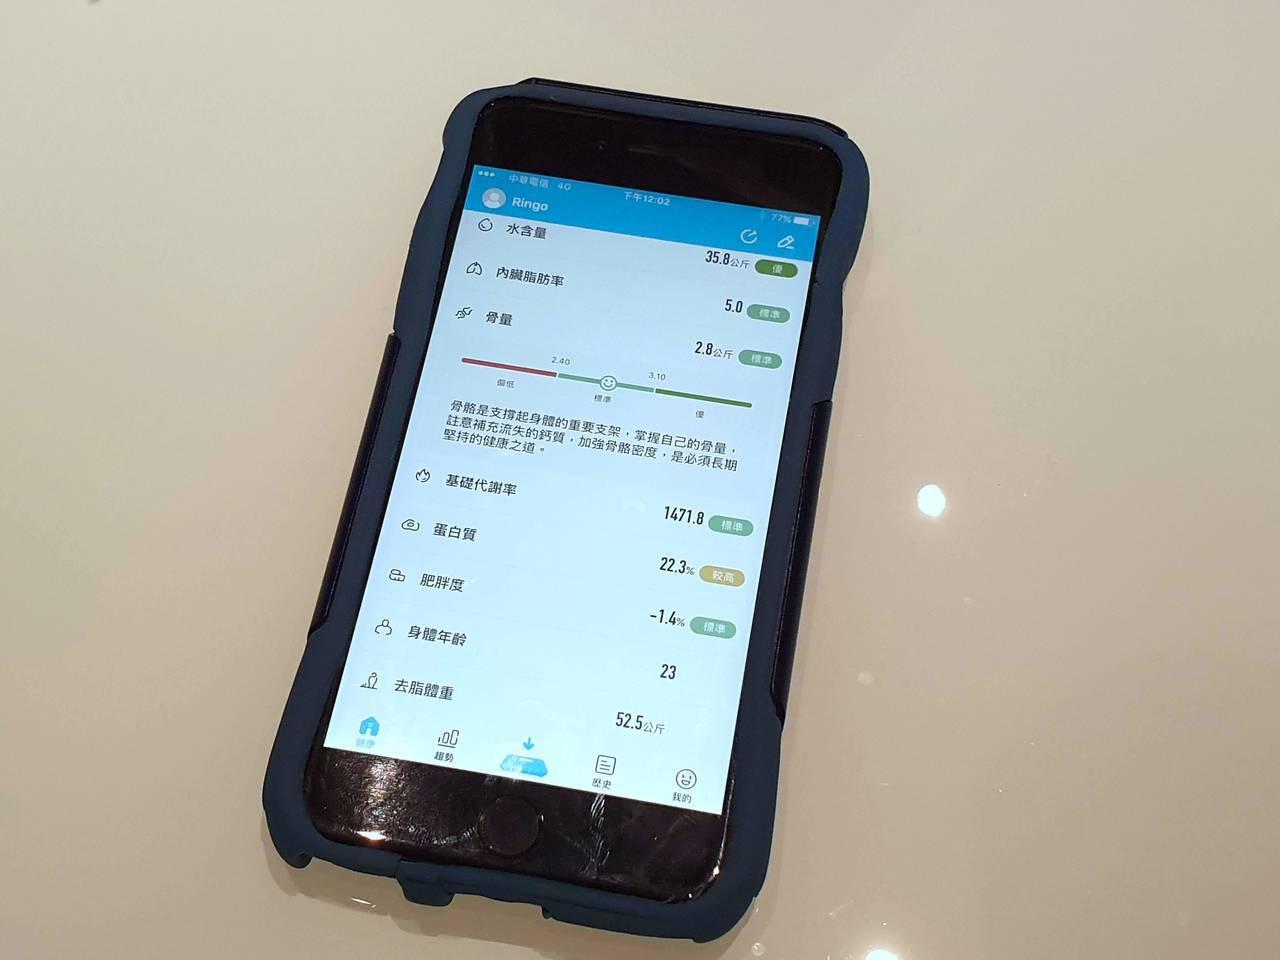 專屬App除了可檢視身體各項數據,還會依照狀況給予建議。記者黃筱晴/攝影